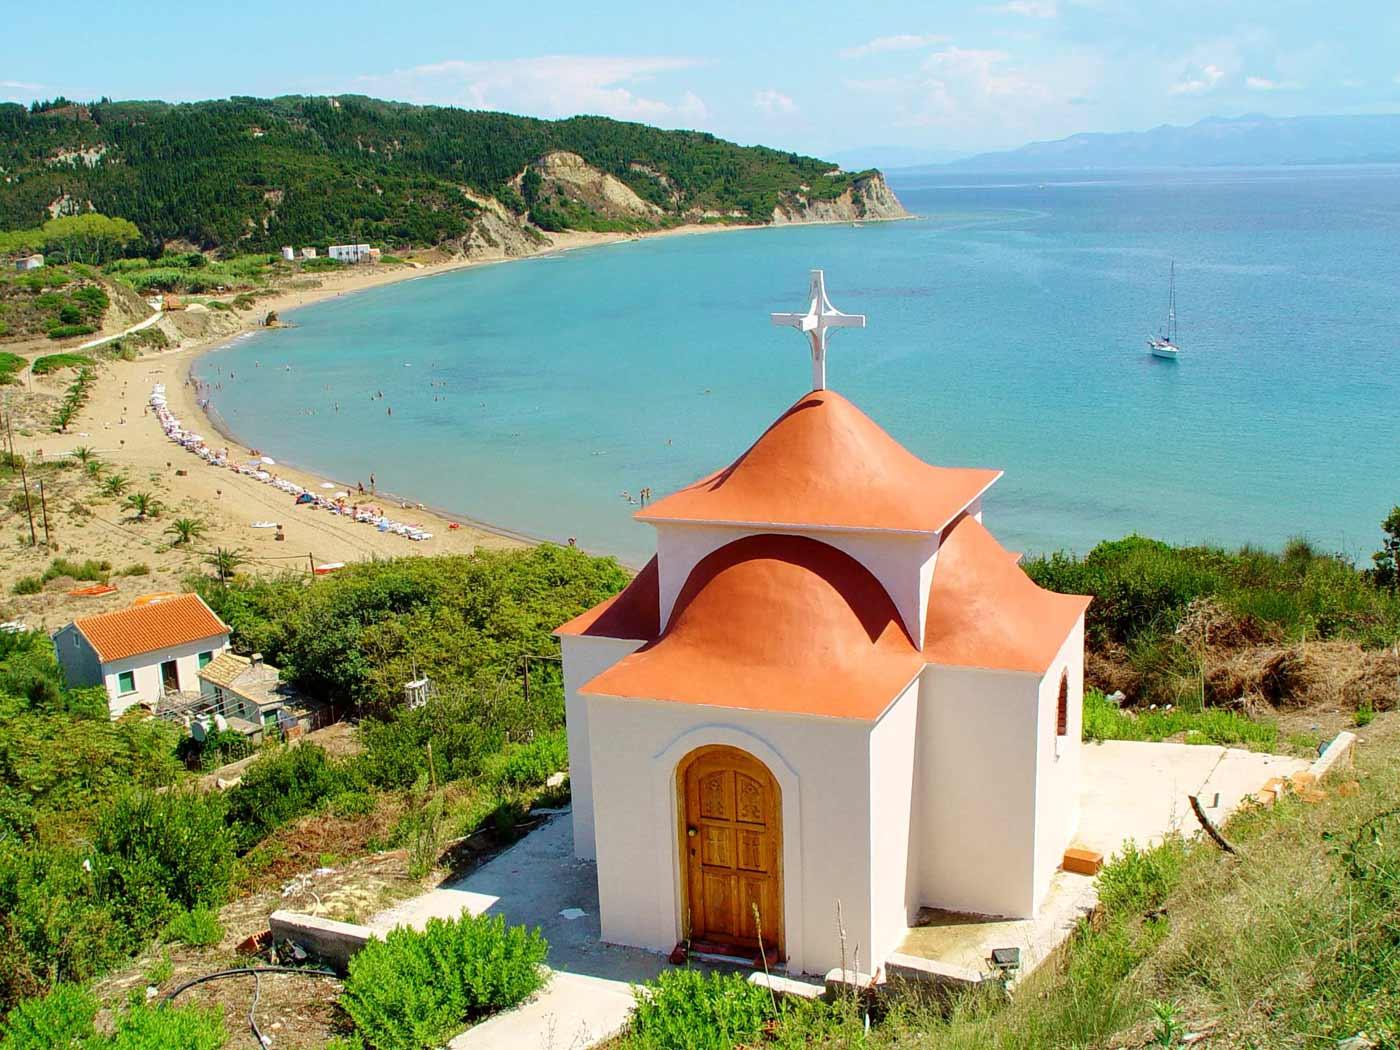 Ένα ήρεμο και ανέγγιχτο νησί της Ελλάδας που αξίζει να ανακαλύψεις!